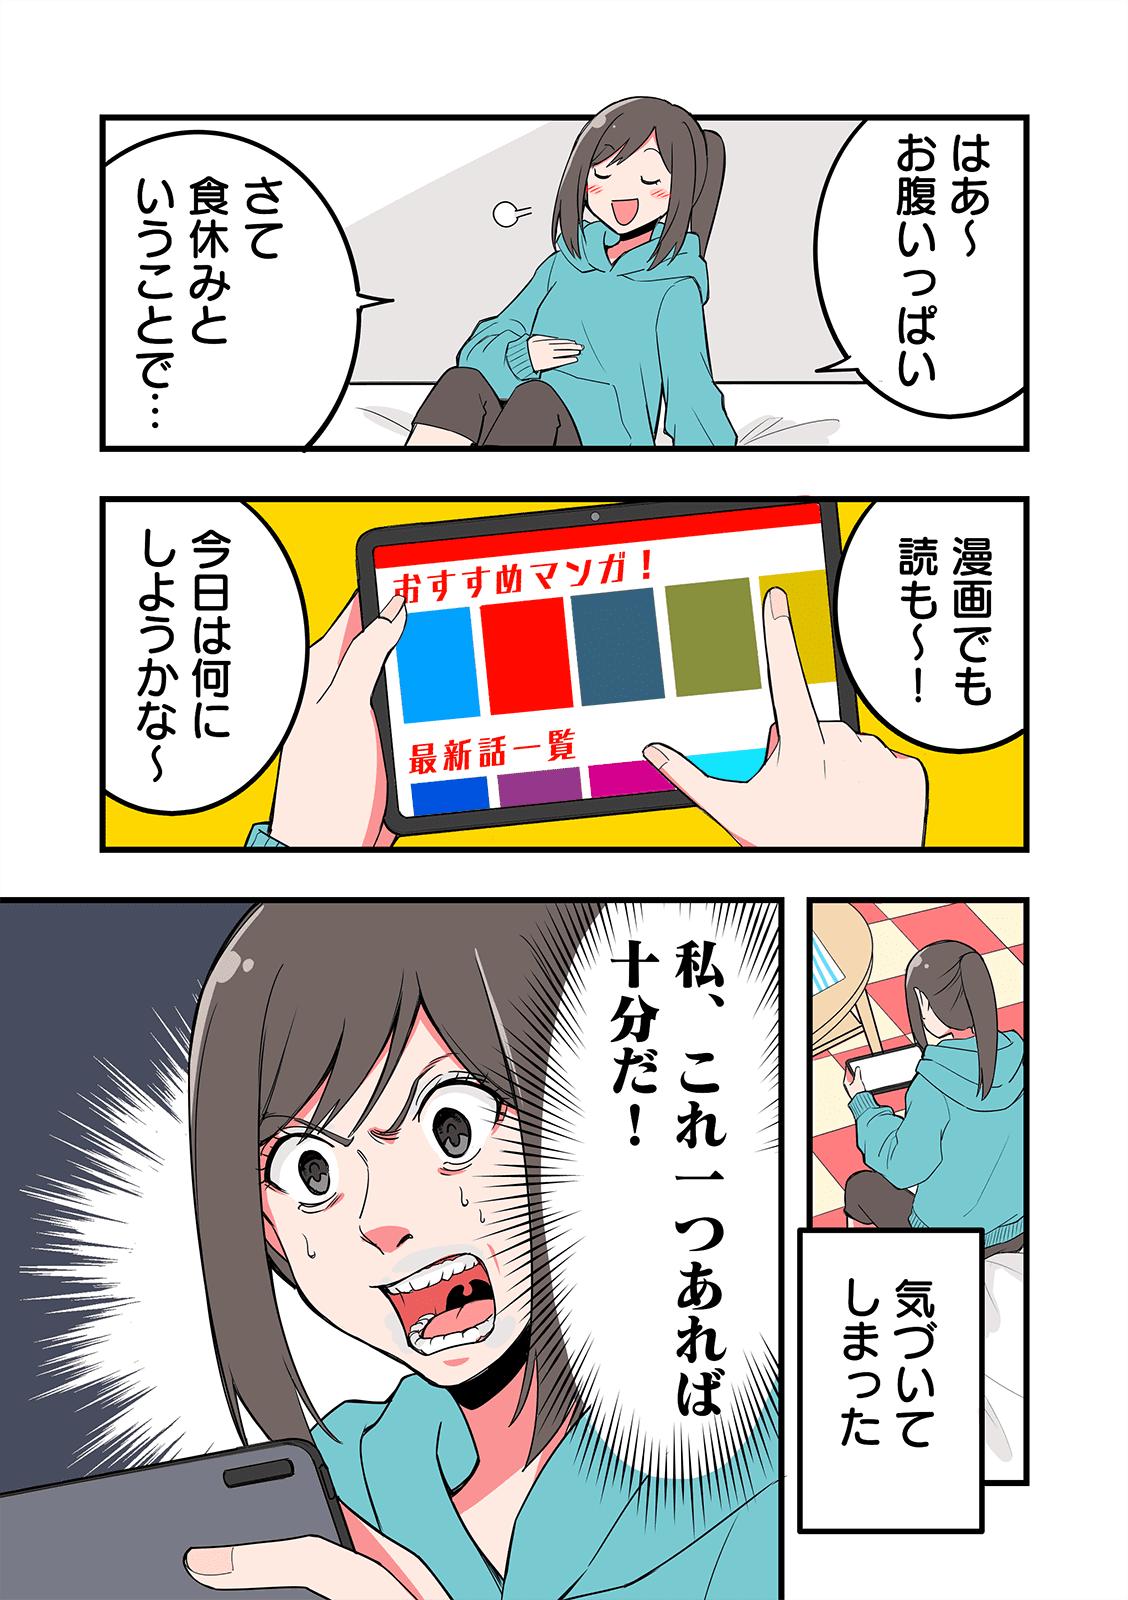 マンガ見本